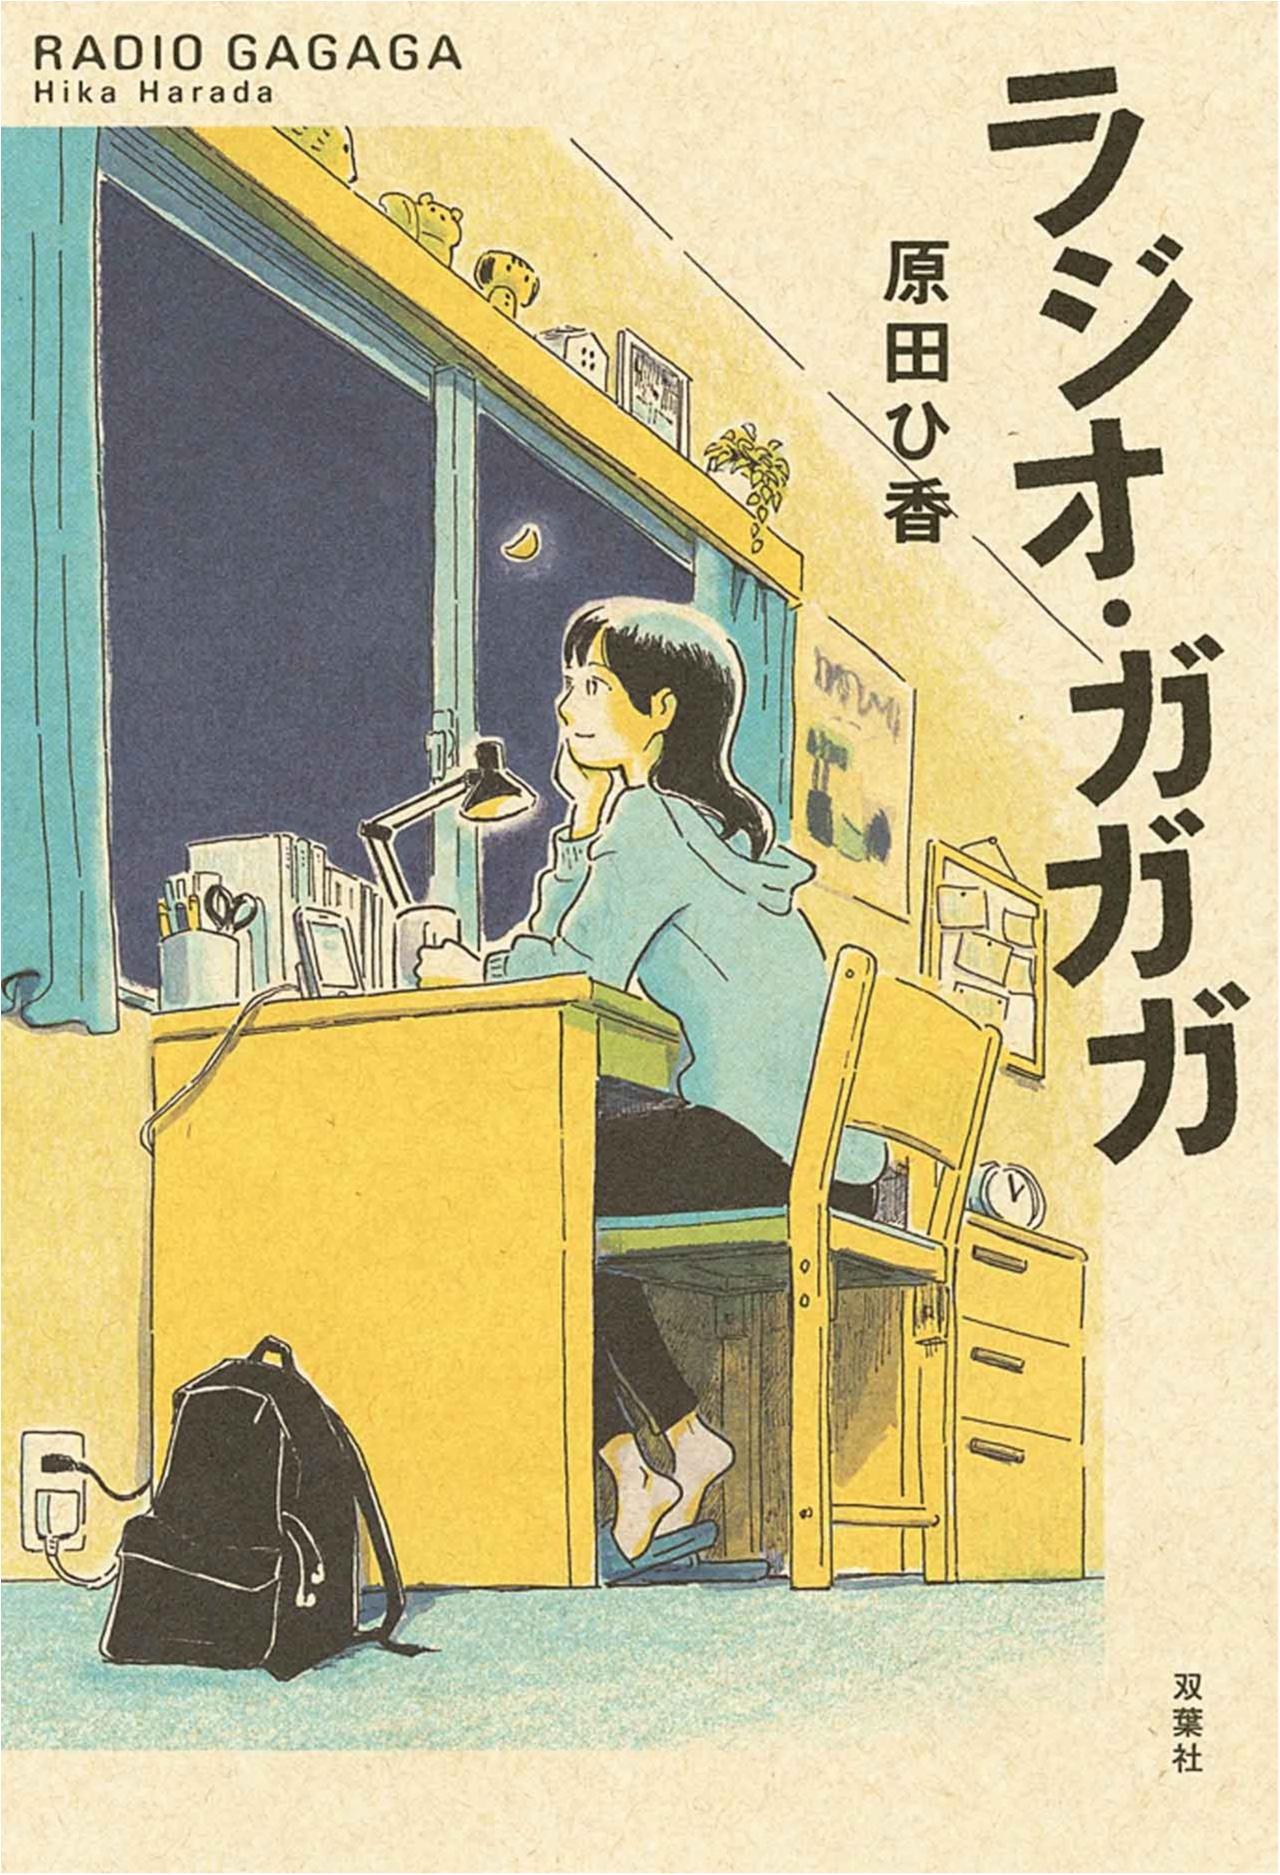 声にのせて伝えたいことがある。原田ひ香さんの『ラジオ・ガガガ』【今月のイチオシ★BOOK】_1